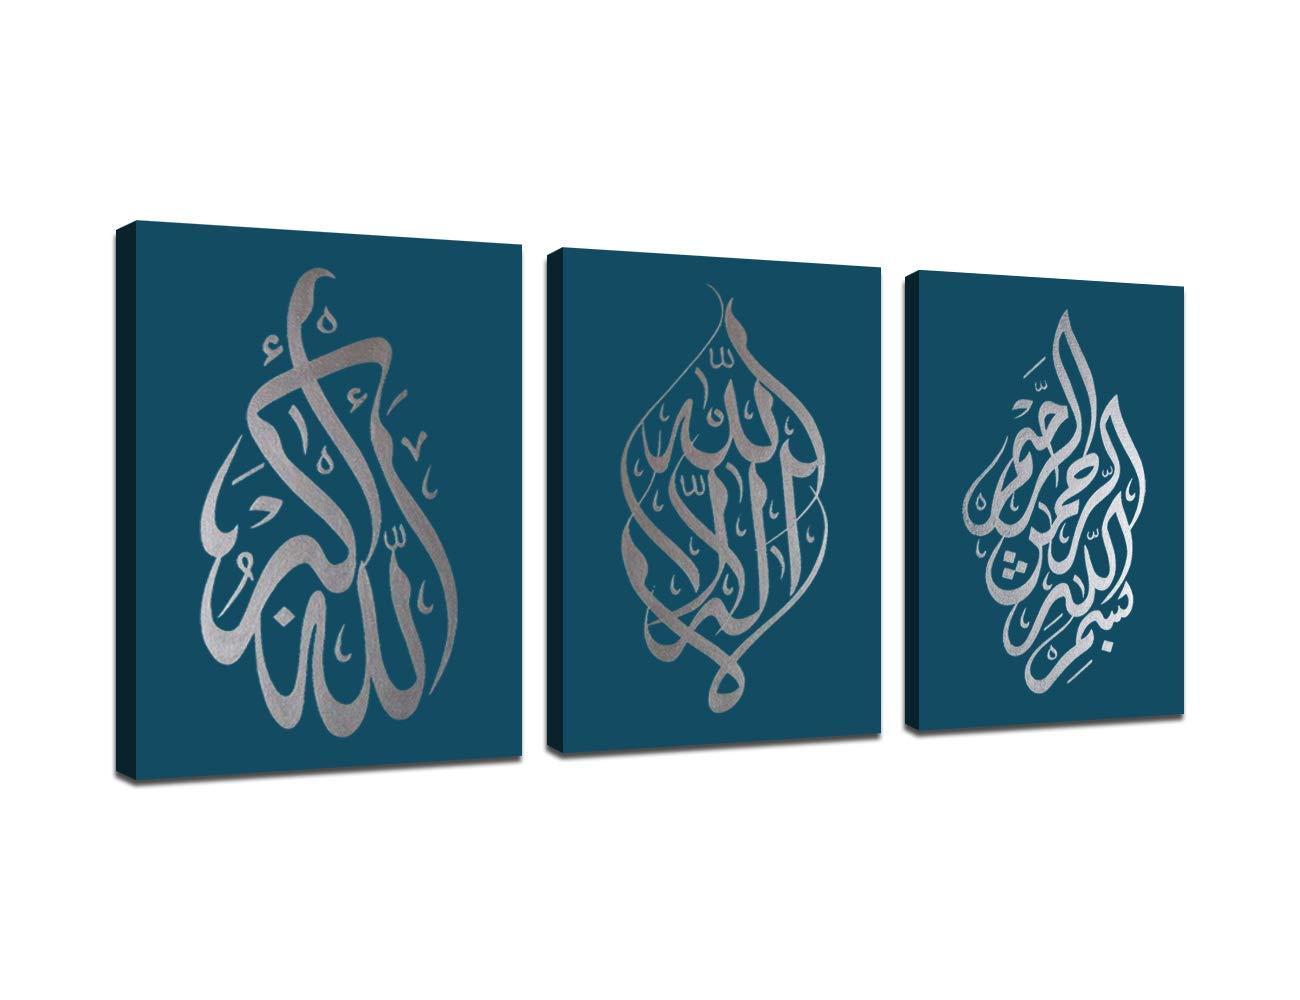 Avec cadre de bois la maison D/écoration murale pour le salon Lot de 3 peintures /à lhuile sur toile Avec calligraphie arabe islamique faite main